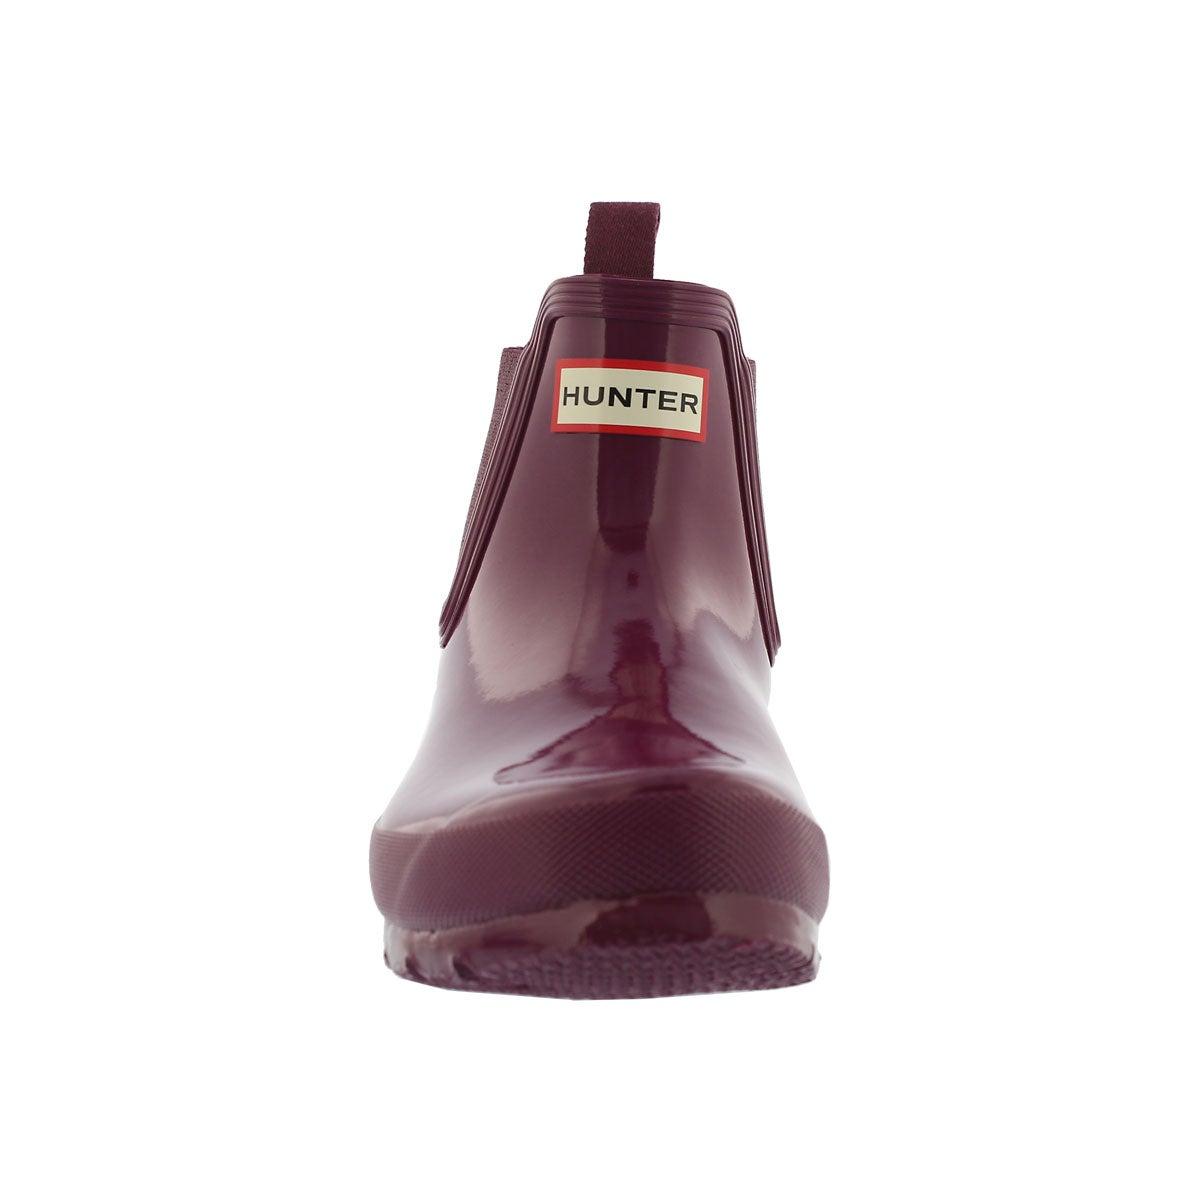 Lds Orig. Chelsea gloss violet rain boot